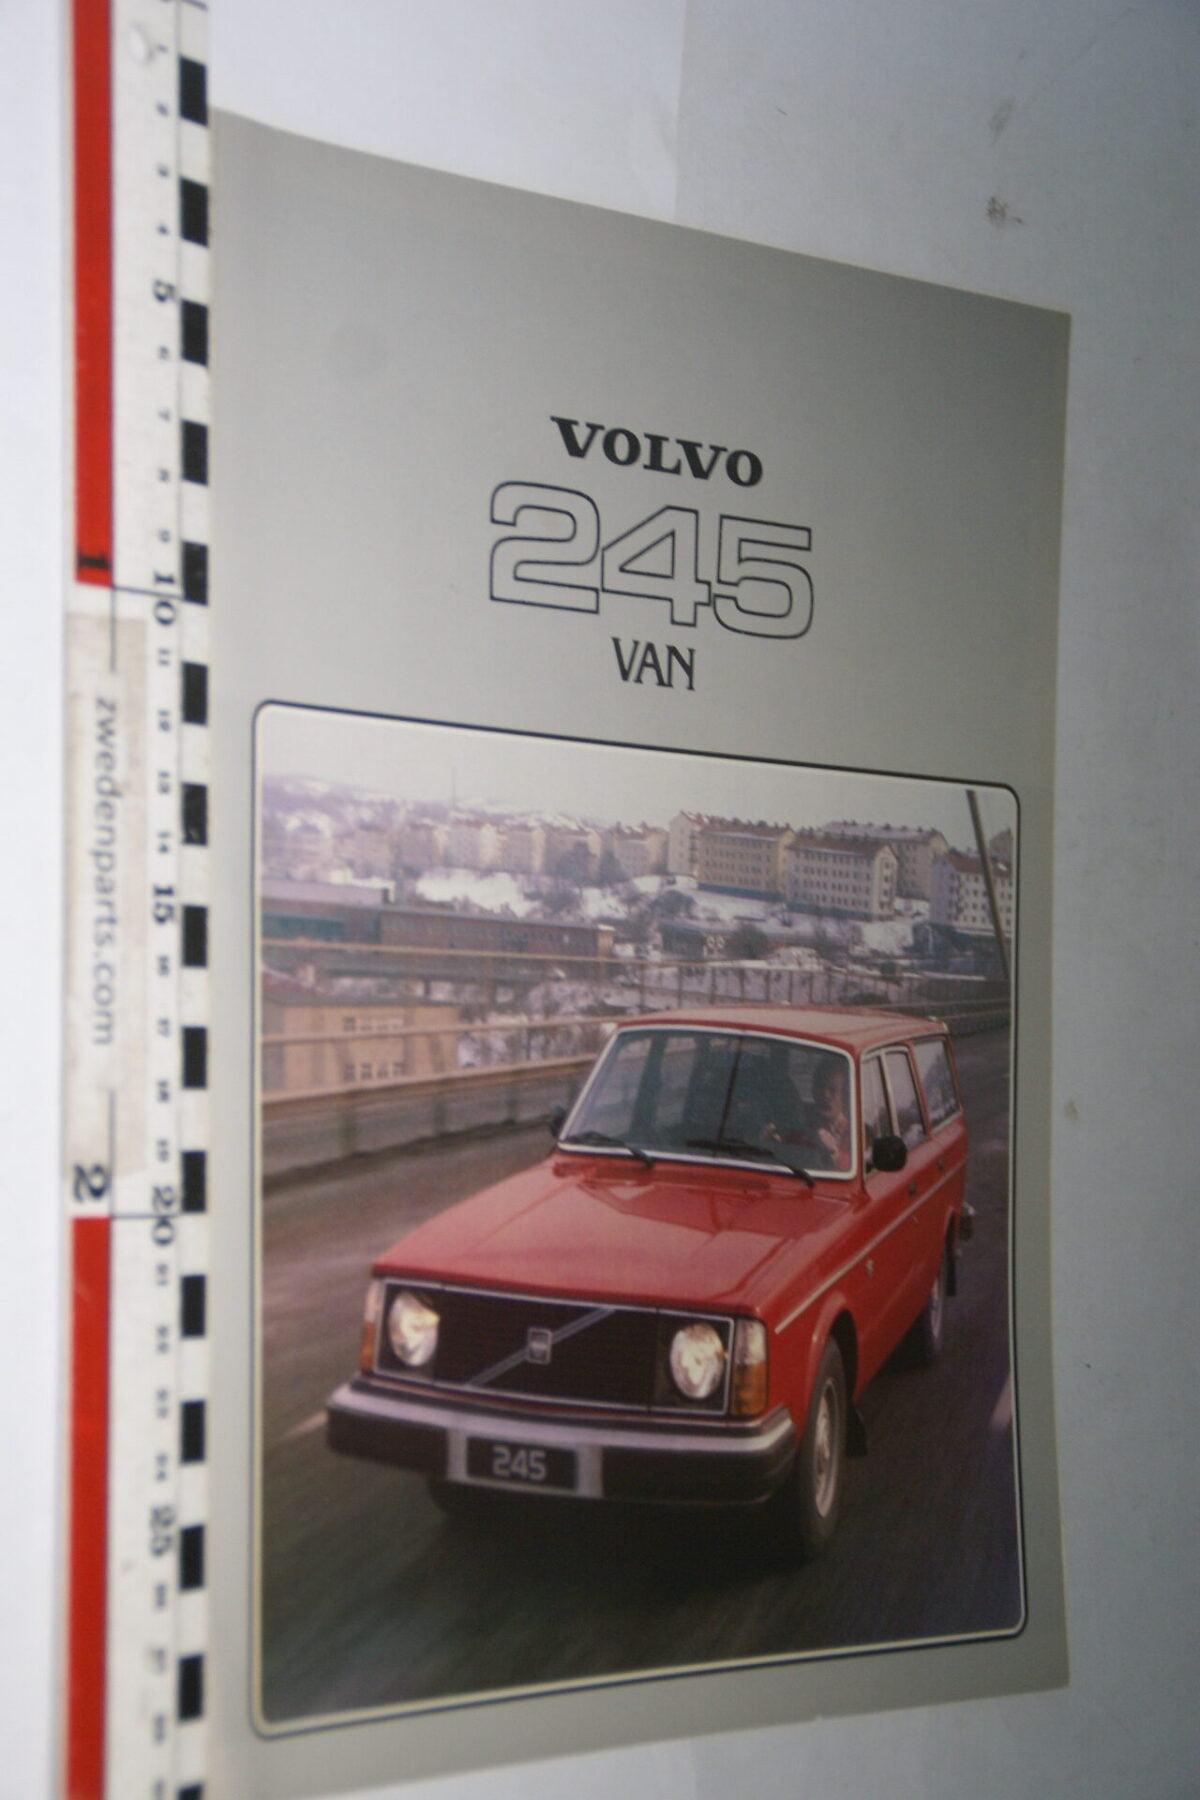 DSC07626 ca. 1978 originele brochure Volvo 245 VAN-3156d303